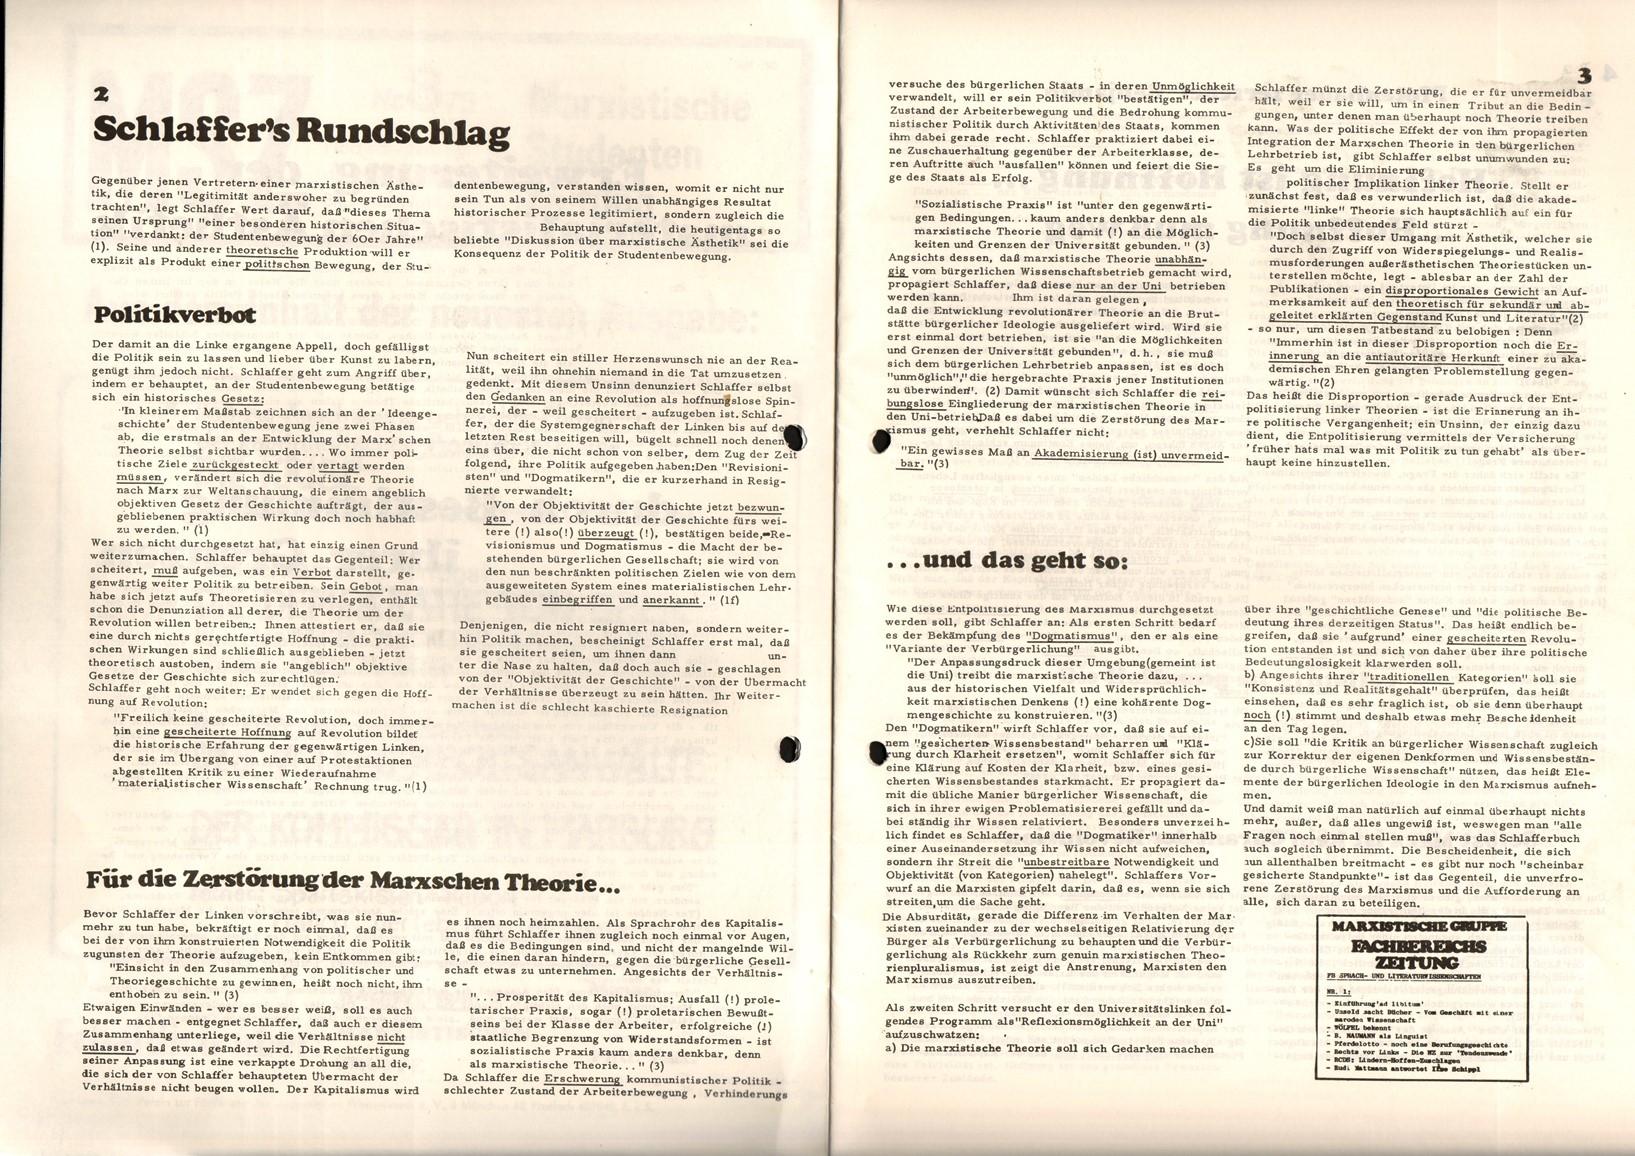 Muenchen_MG_FB_Sprach_Literaturwissenschaften_19751200_03